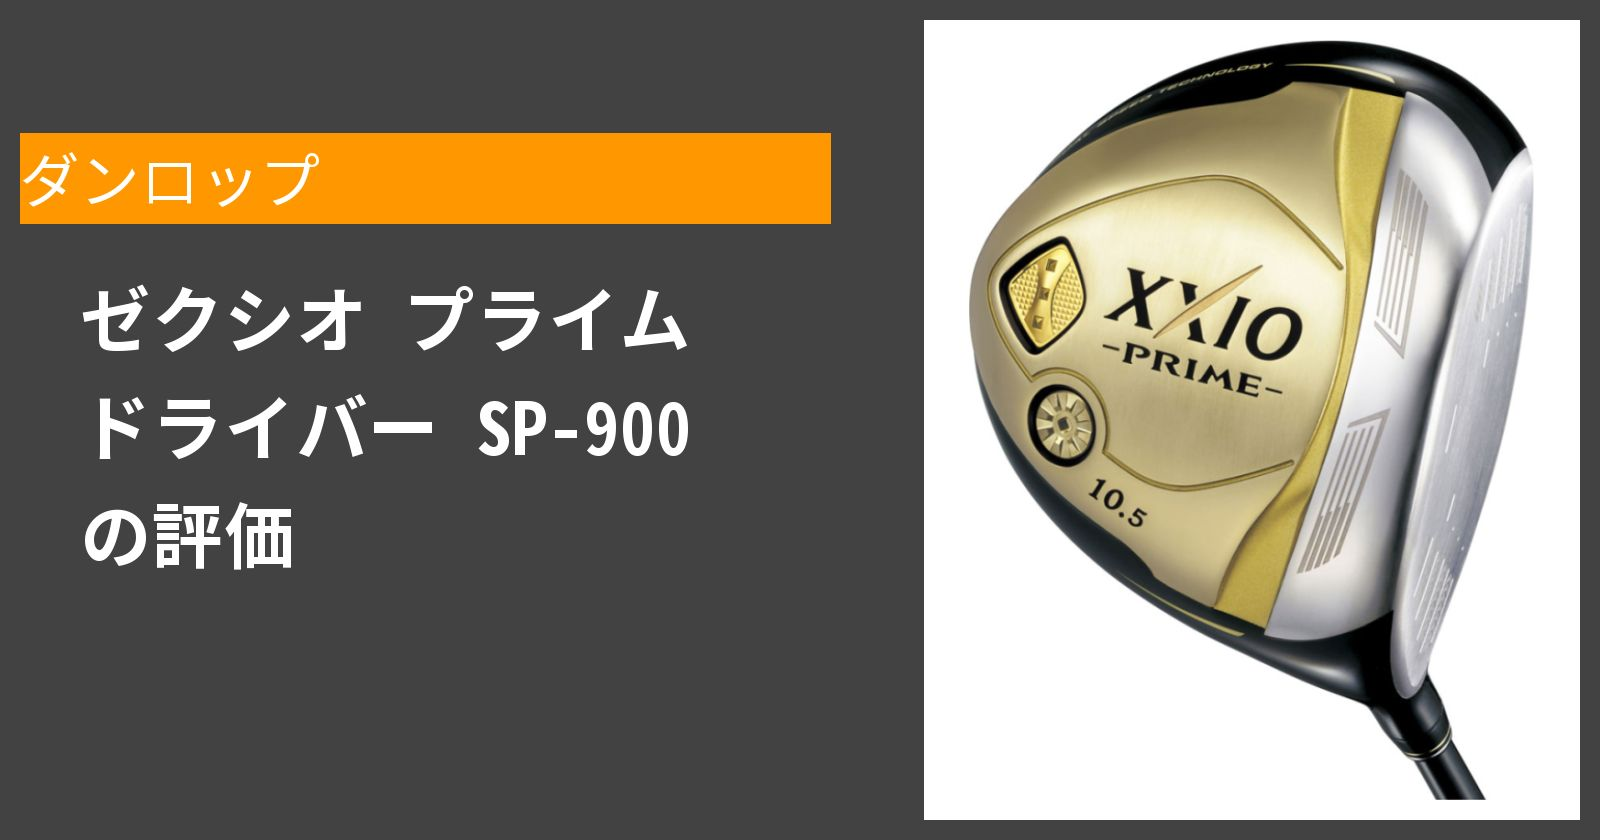 ゼクシオ プライム ドライバー SP-900を徹底評価